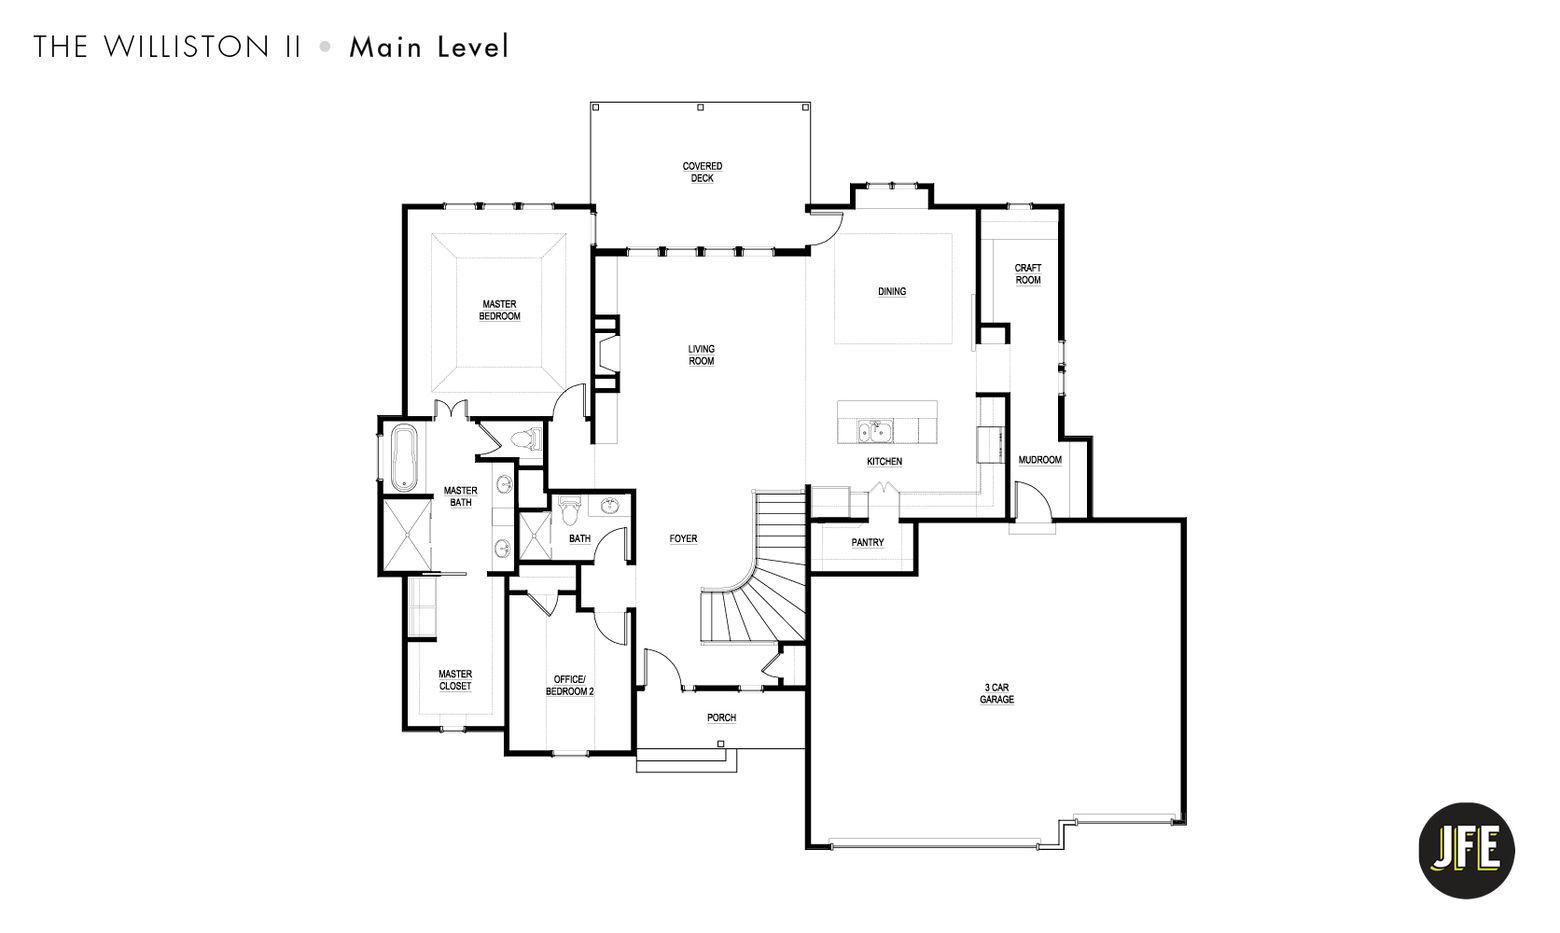 The-Williston-II-Main-Level.jpg